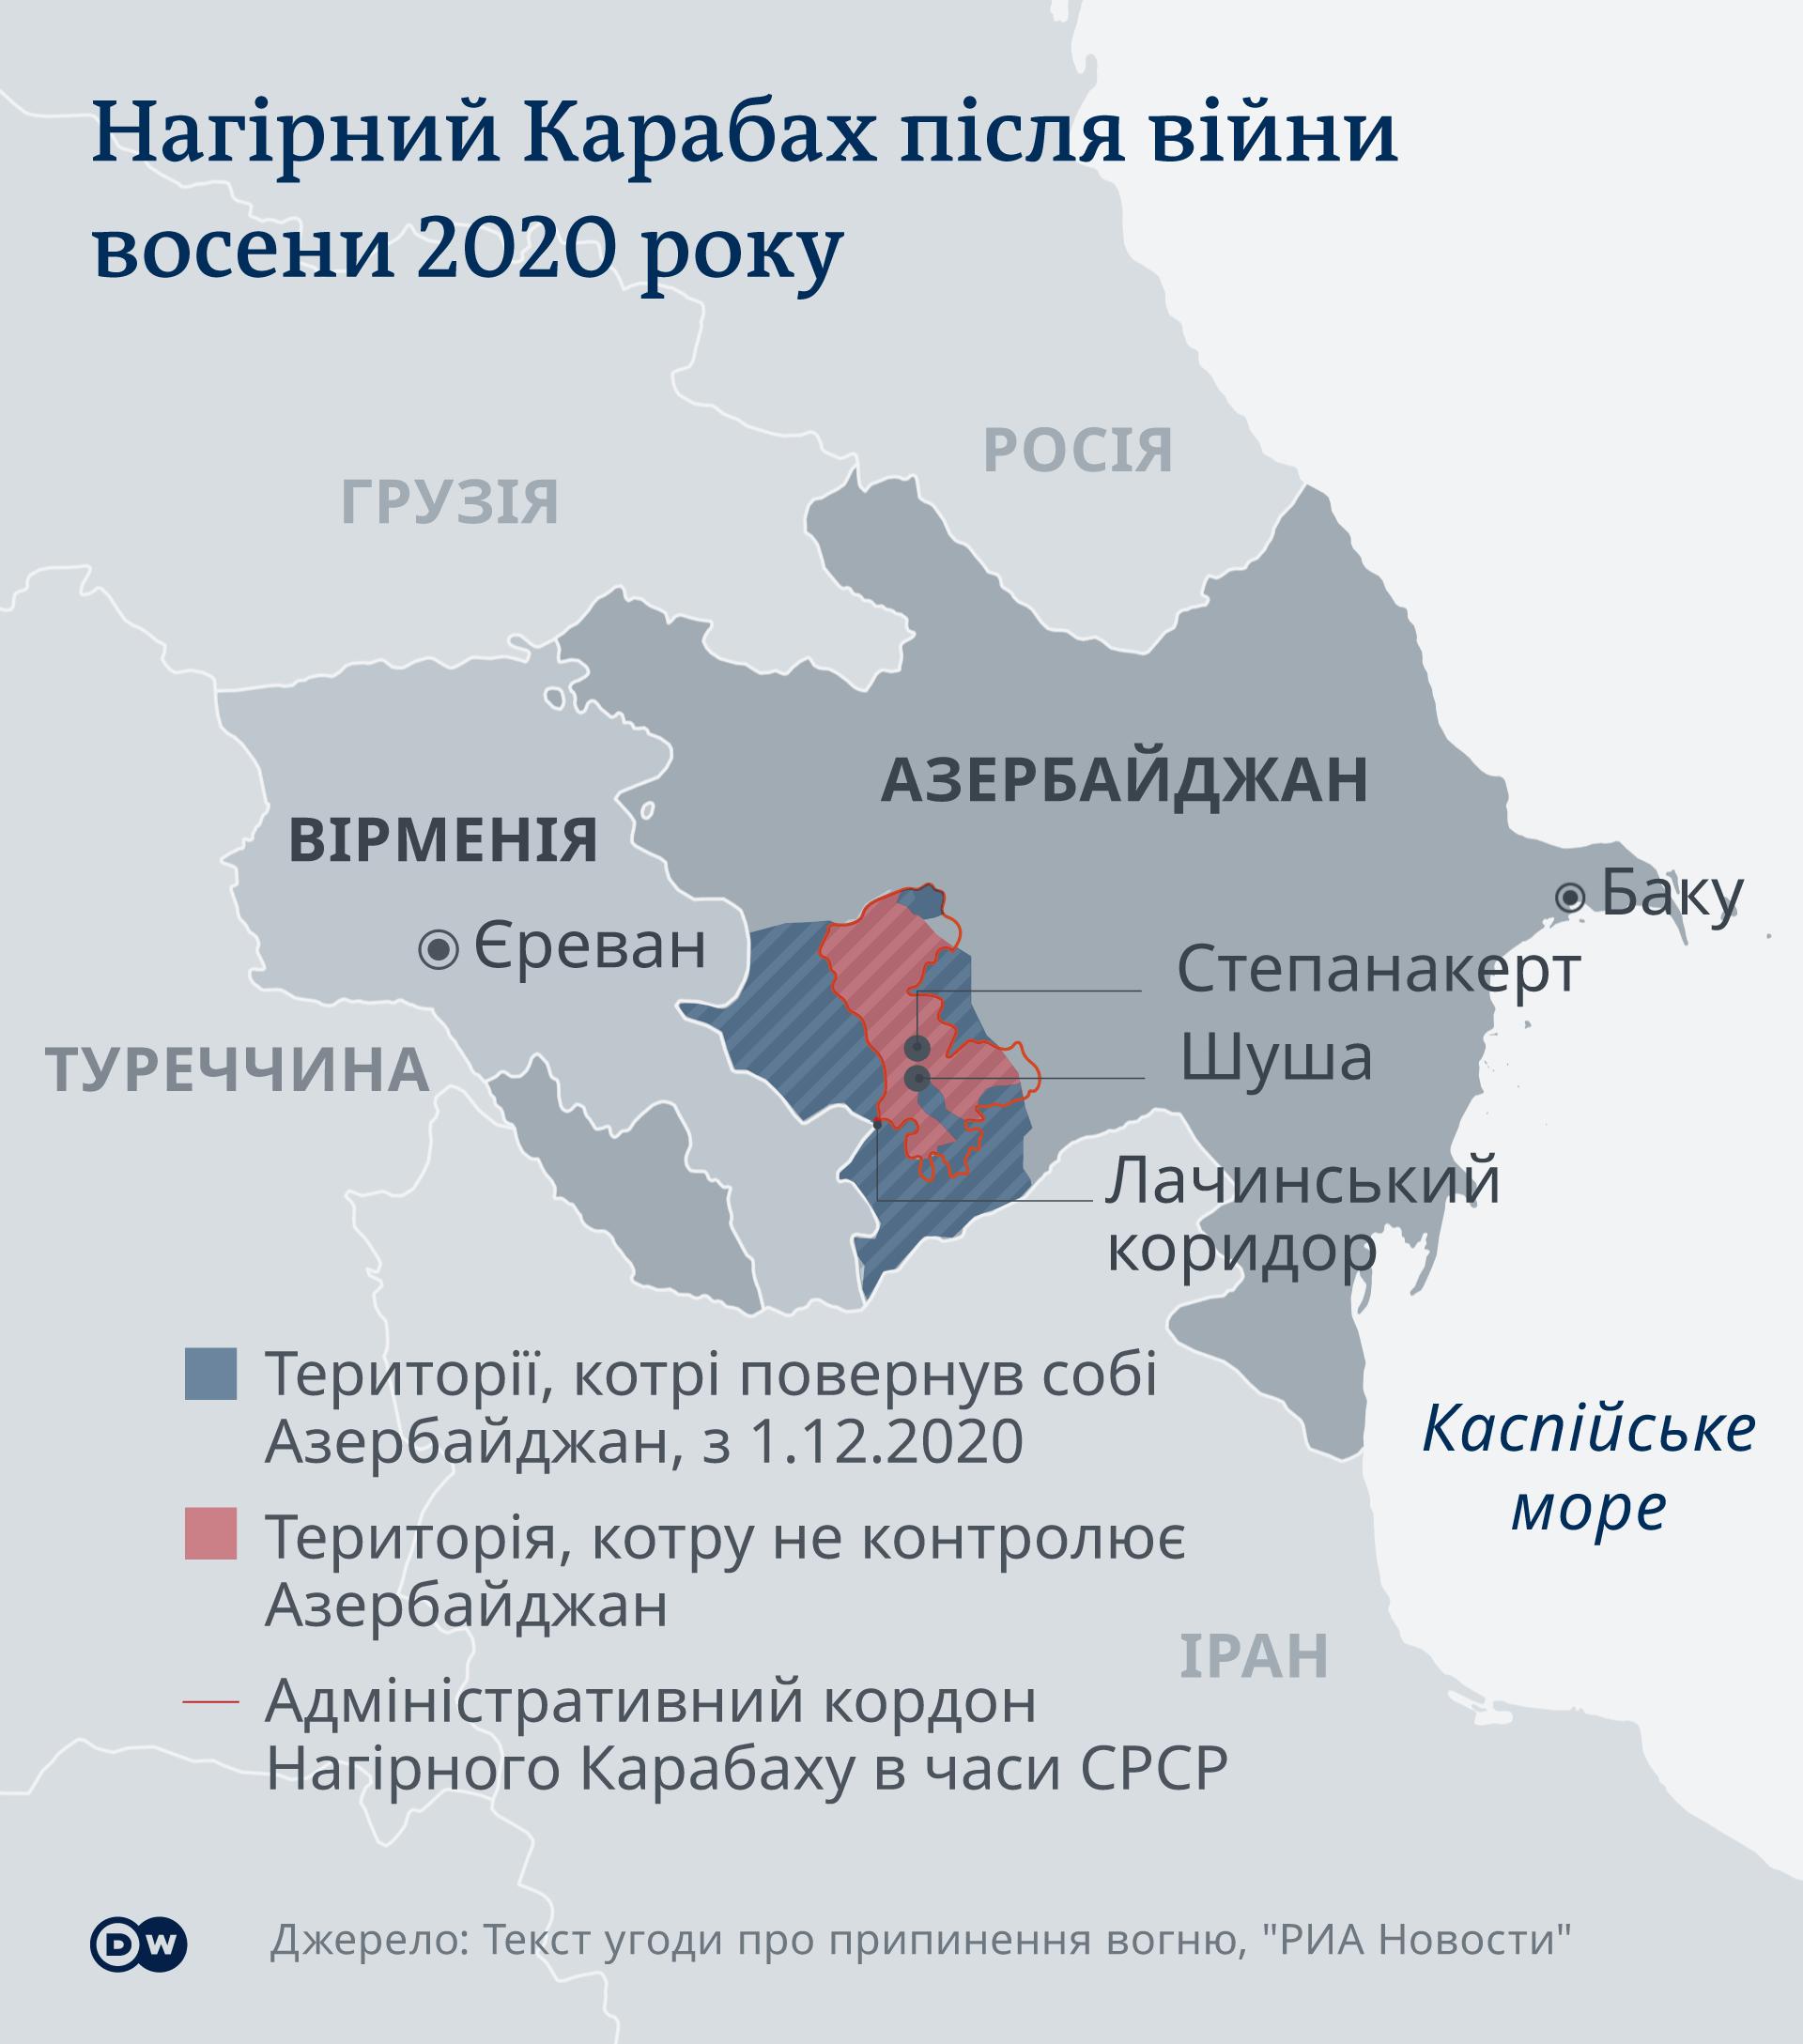 Розмежування територій Нагірного Карабаху між Вірменією та Азербайджаном